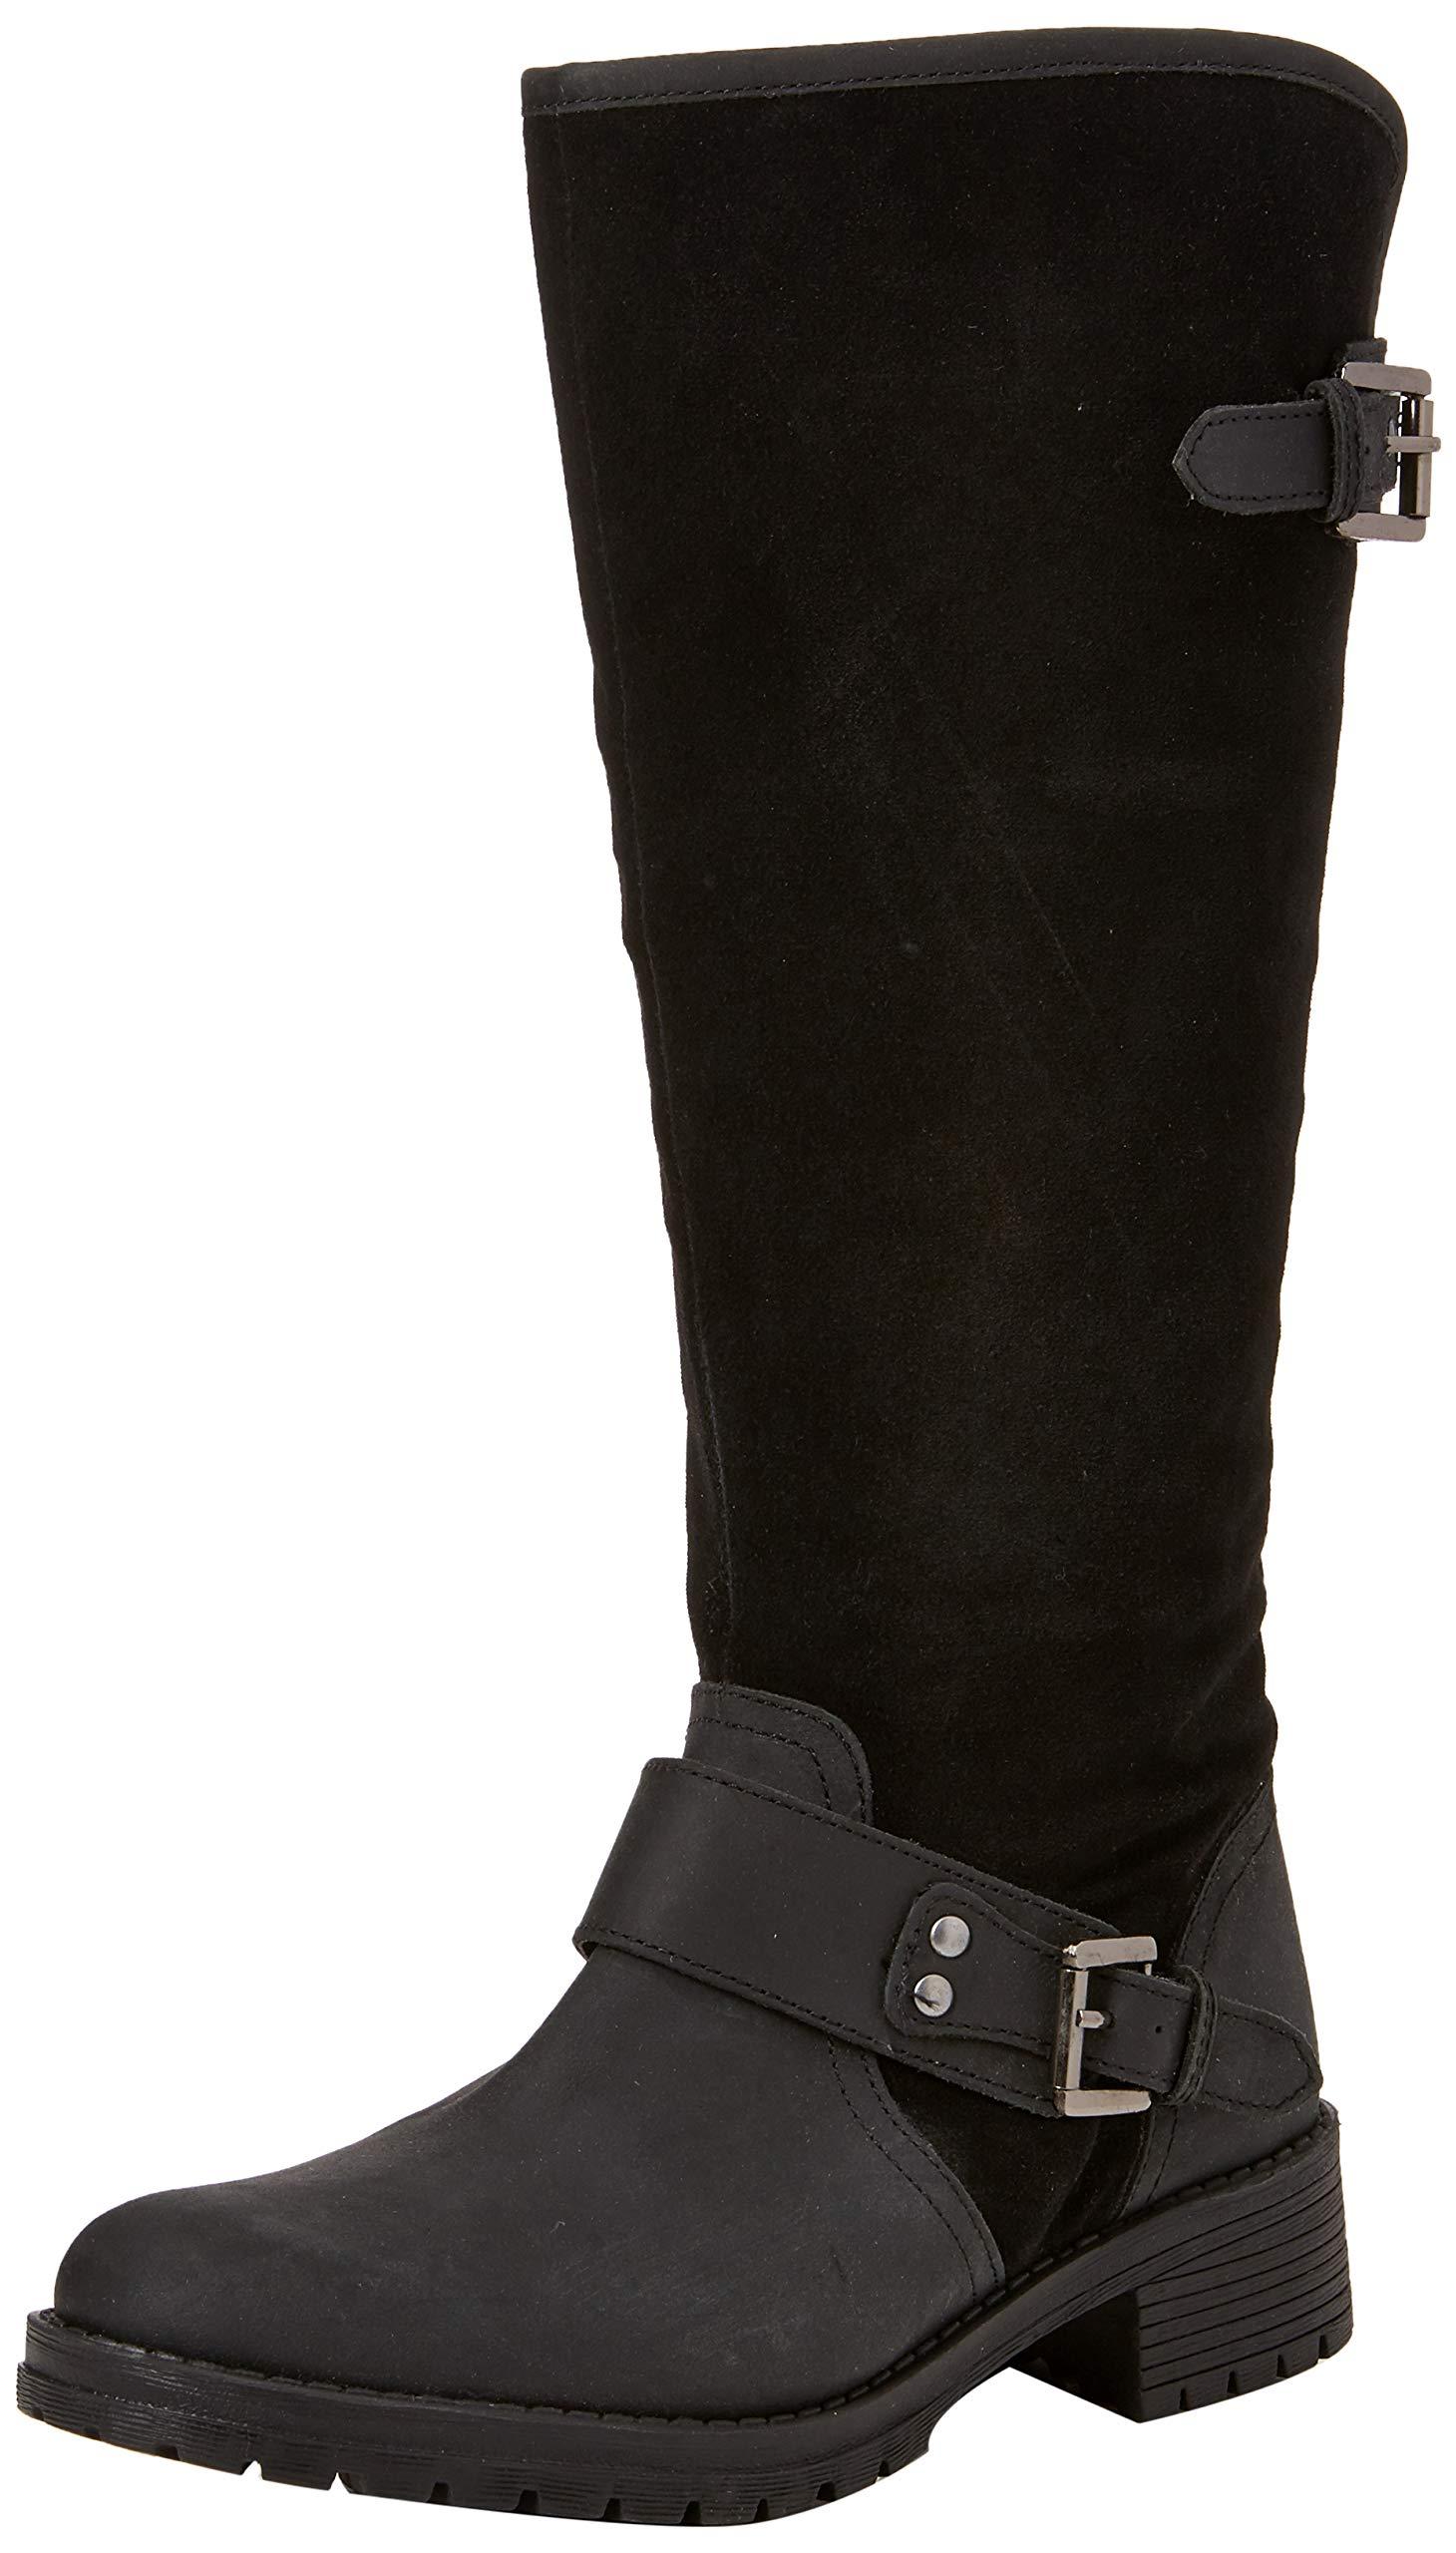 Leather Browns Joe Rider FemmeNoirblack B38 Eu BootsBottes Premium HIED29